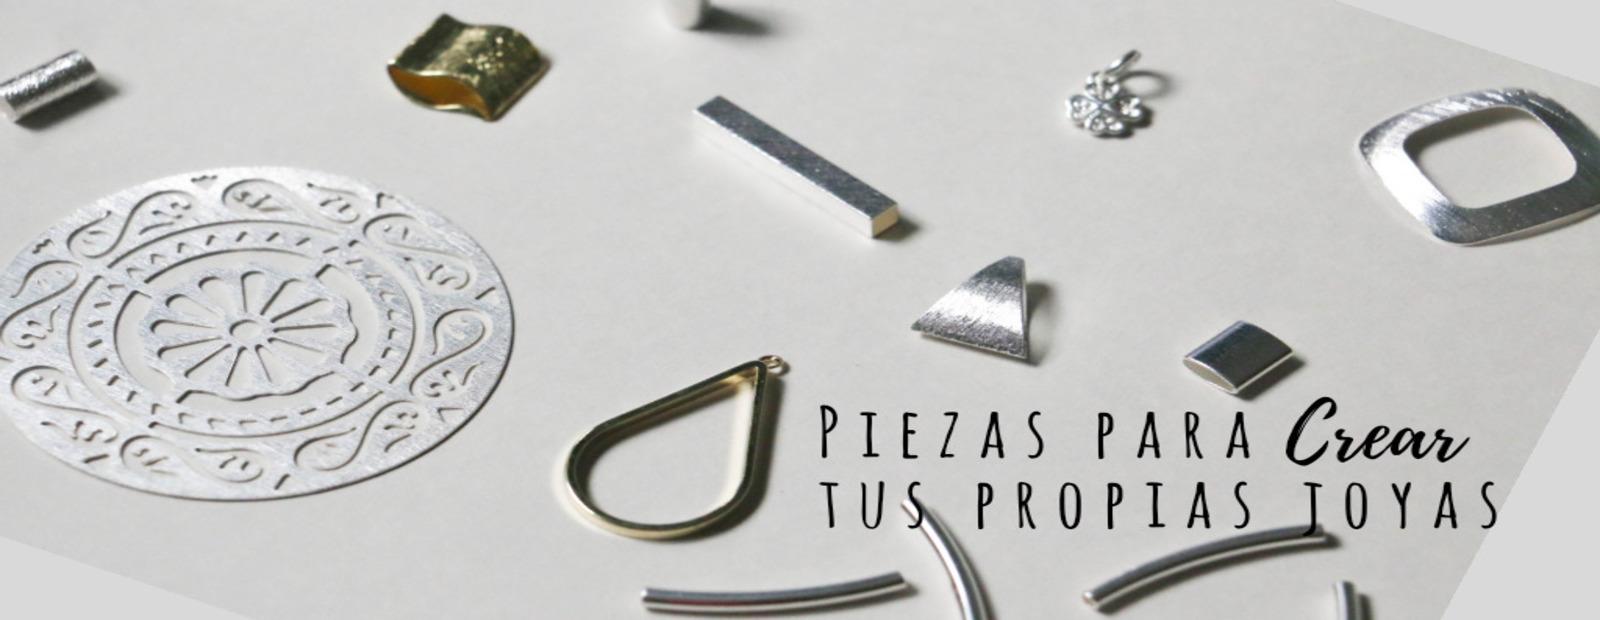 accesorios insumos para joyas